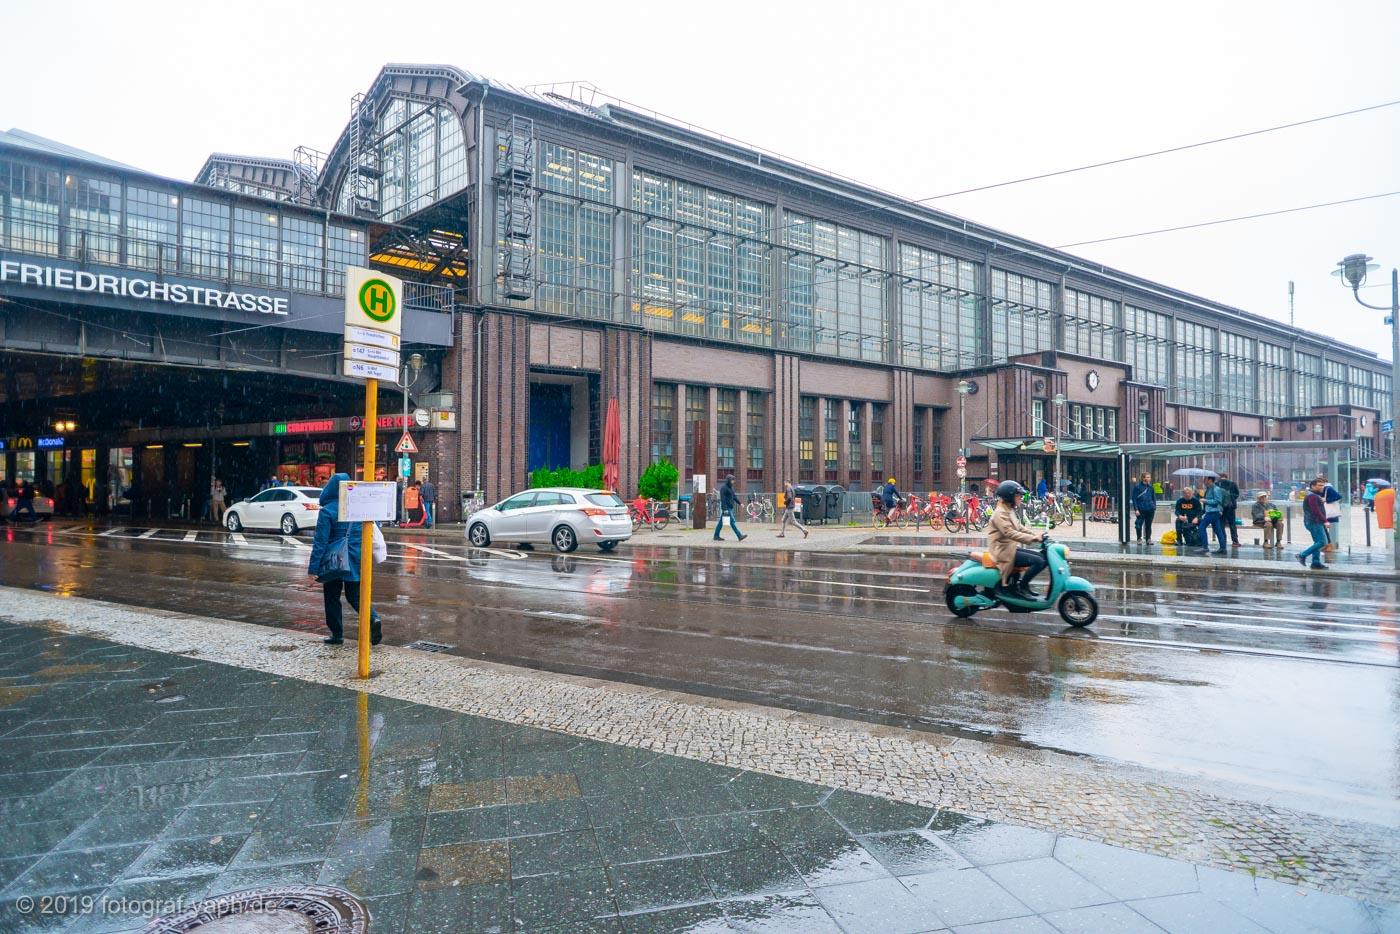 Der Bahnhof Friedrichstraße ist ein Ort vieler Erinnerungen für Berliner und Menschen aus Ost und West wie auch für Fotograf Yaph aus Trier.